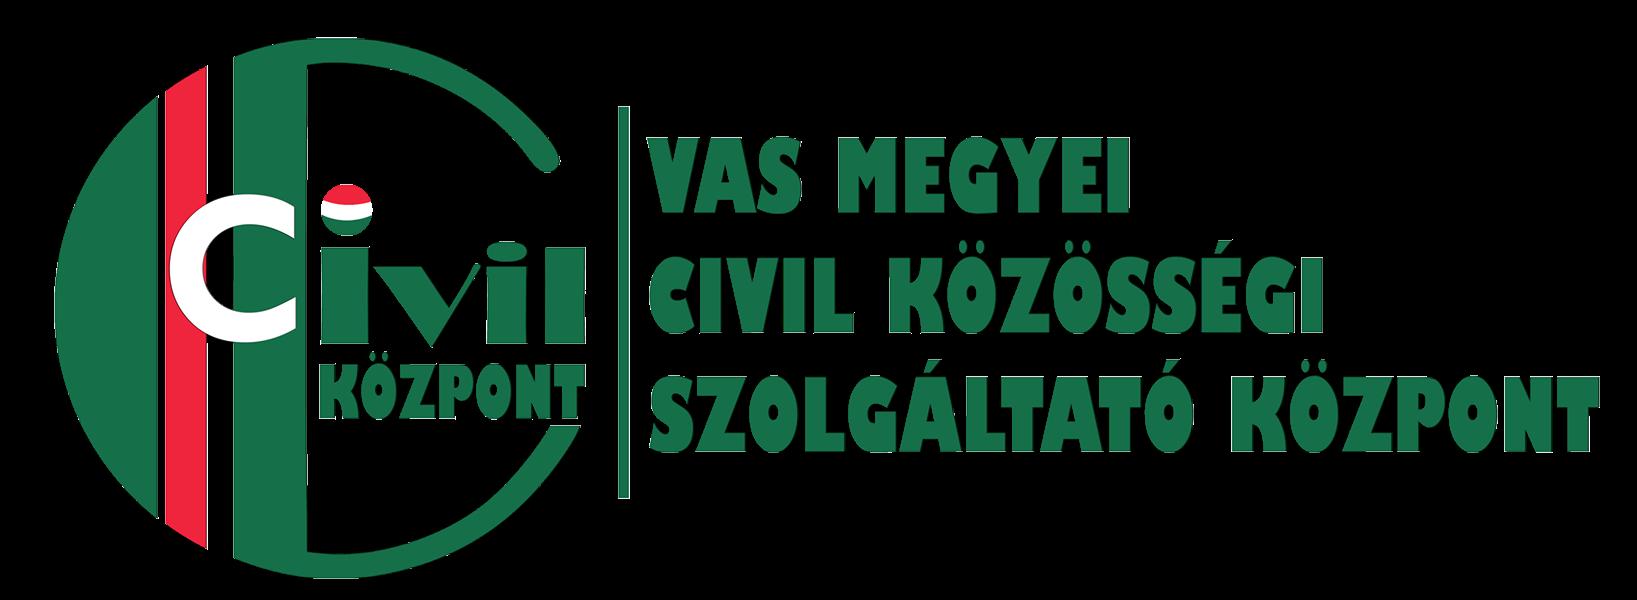 Vas Megyei Civil Közösségi Szolgáltató Központ